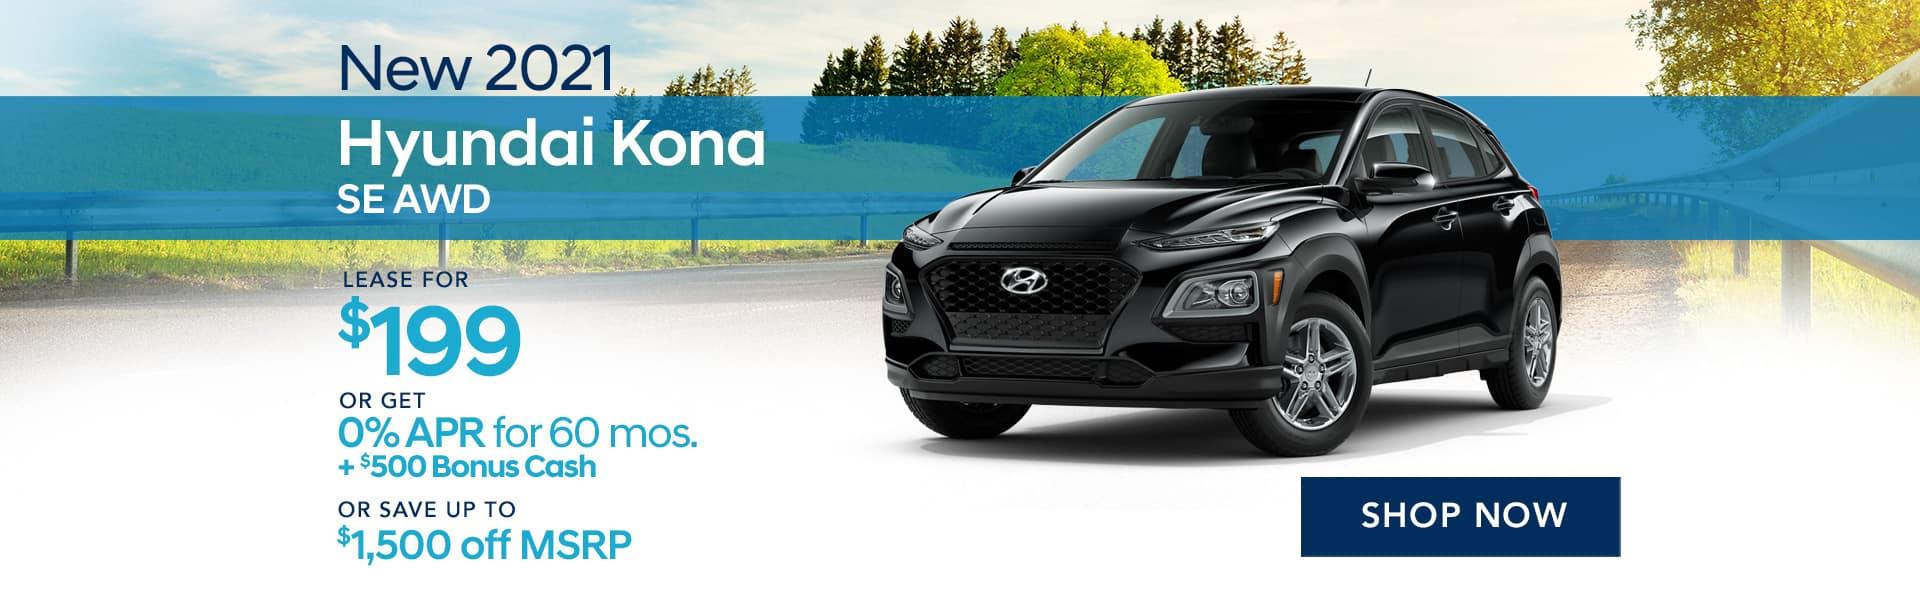 HYH-1920×600-New 2021 Hyundai Kona SE AWD_-06_21